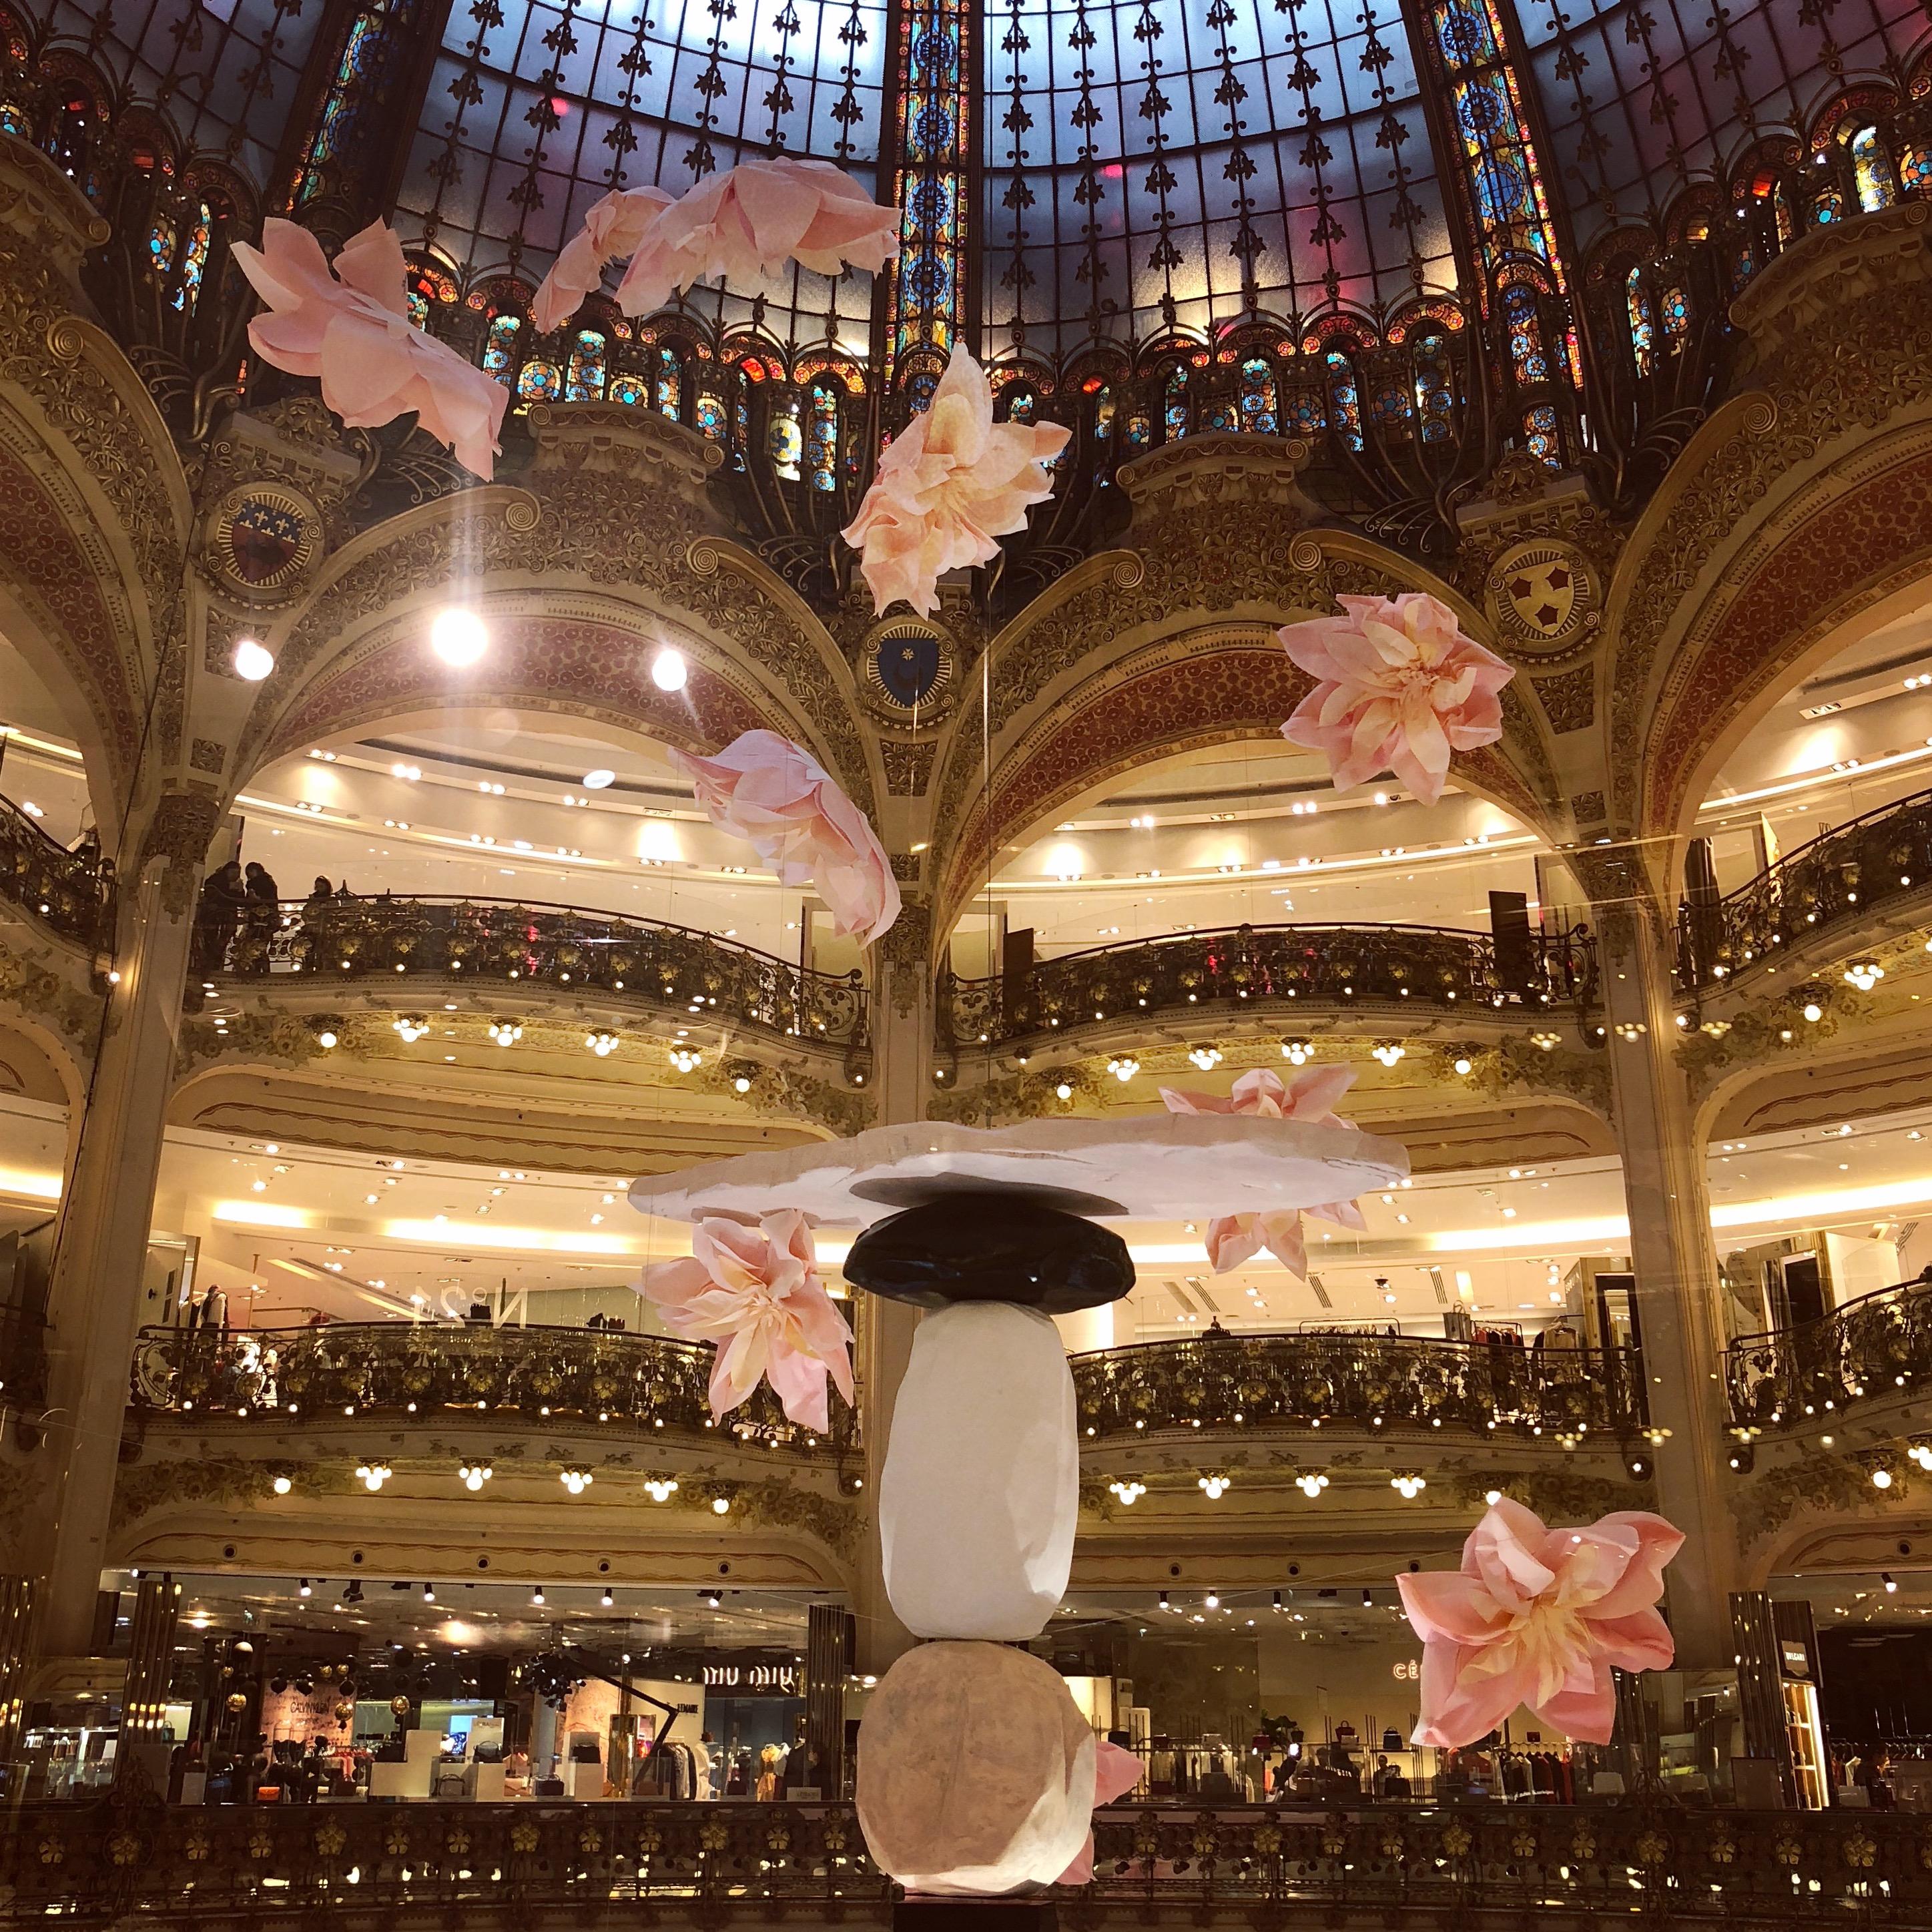 IMG 2156 - Un séjour à Paris quand t'es un ex-parisien (Et que tu n'aimes rien car t'étais parisien).